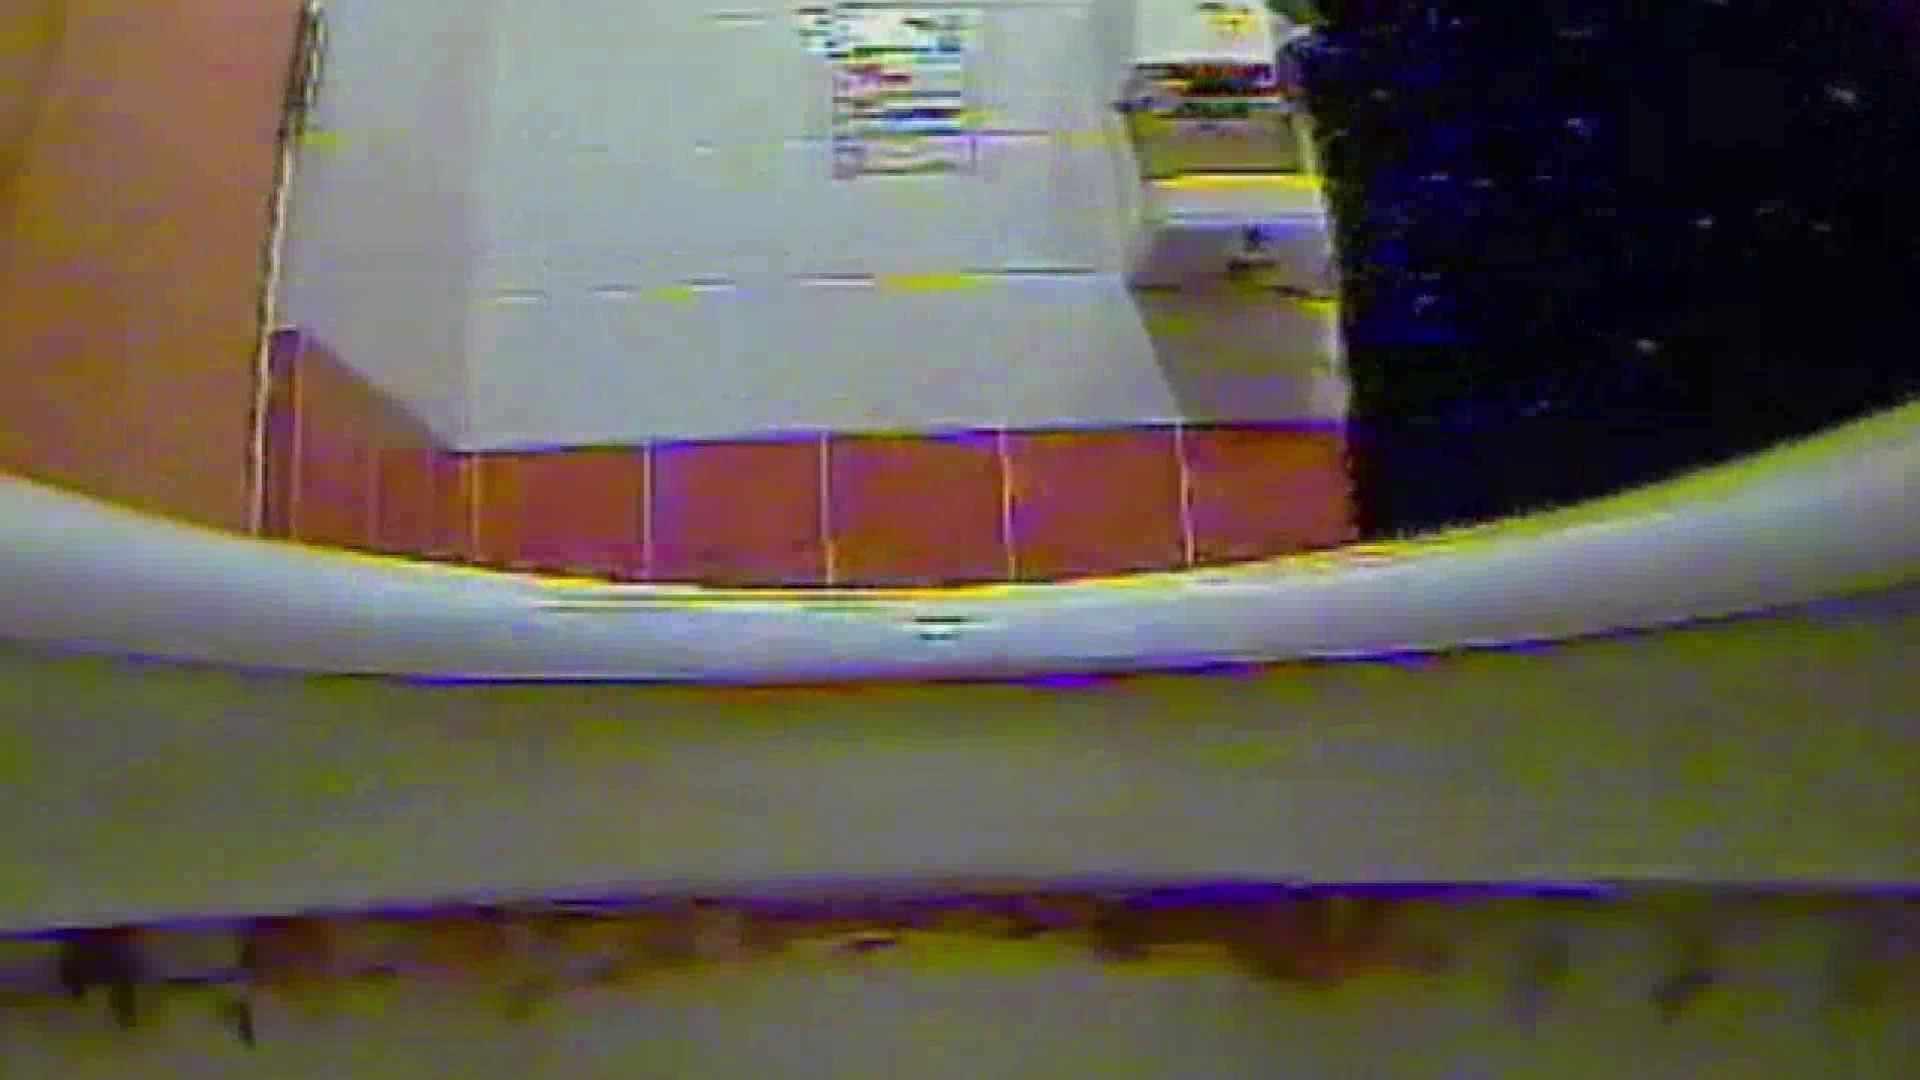 キレカワ女子大生の秘密の洗面所!Vol.044 盗撮 オメコ無修正動画無料 106PIX 82